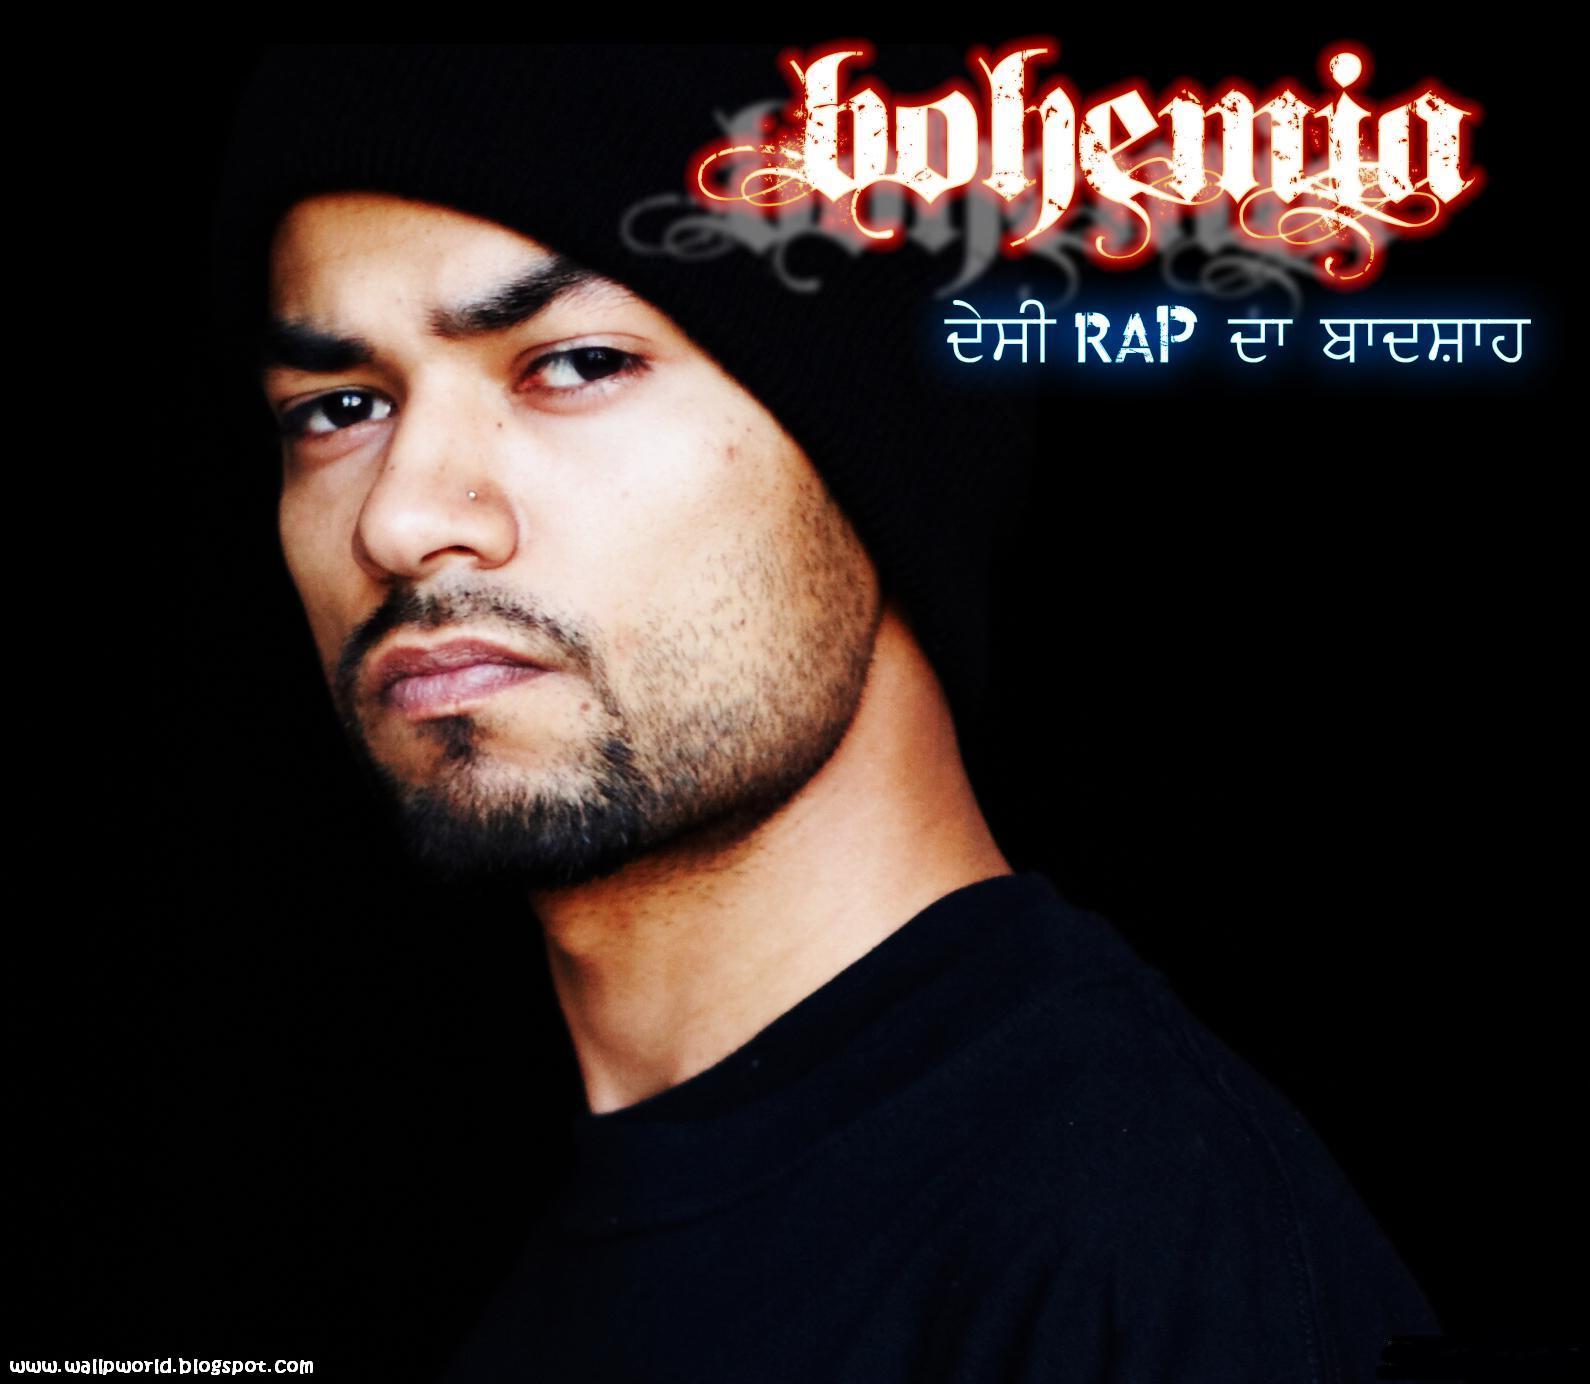 http://2.bp.blogspot.com/-6bSqniS1oio/Tb5R5R2aAqI/AAAAAAAAAEY/NZRnHQ7nbaE/s1600/bohemia_BADSHAH.JPG